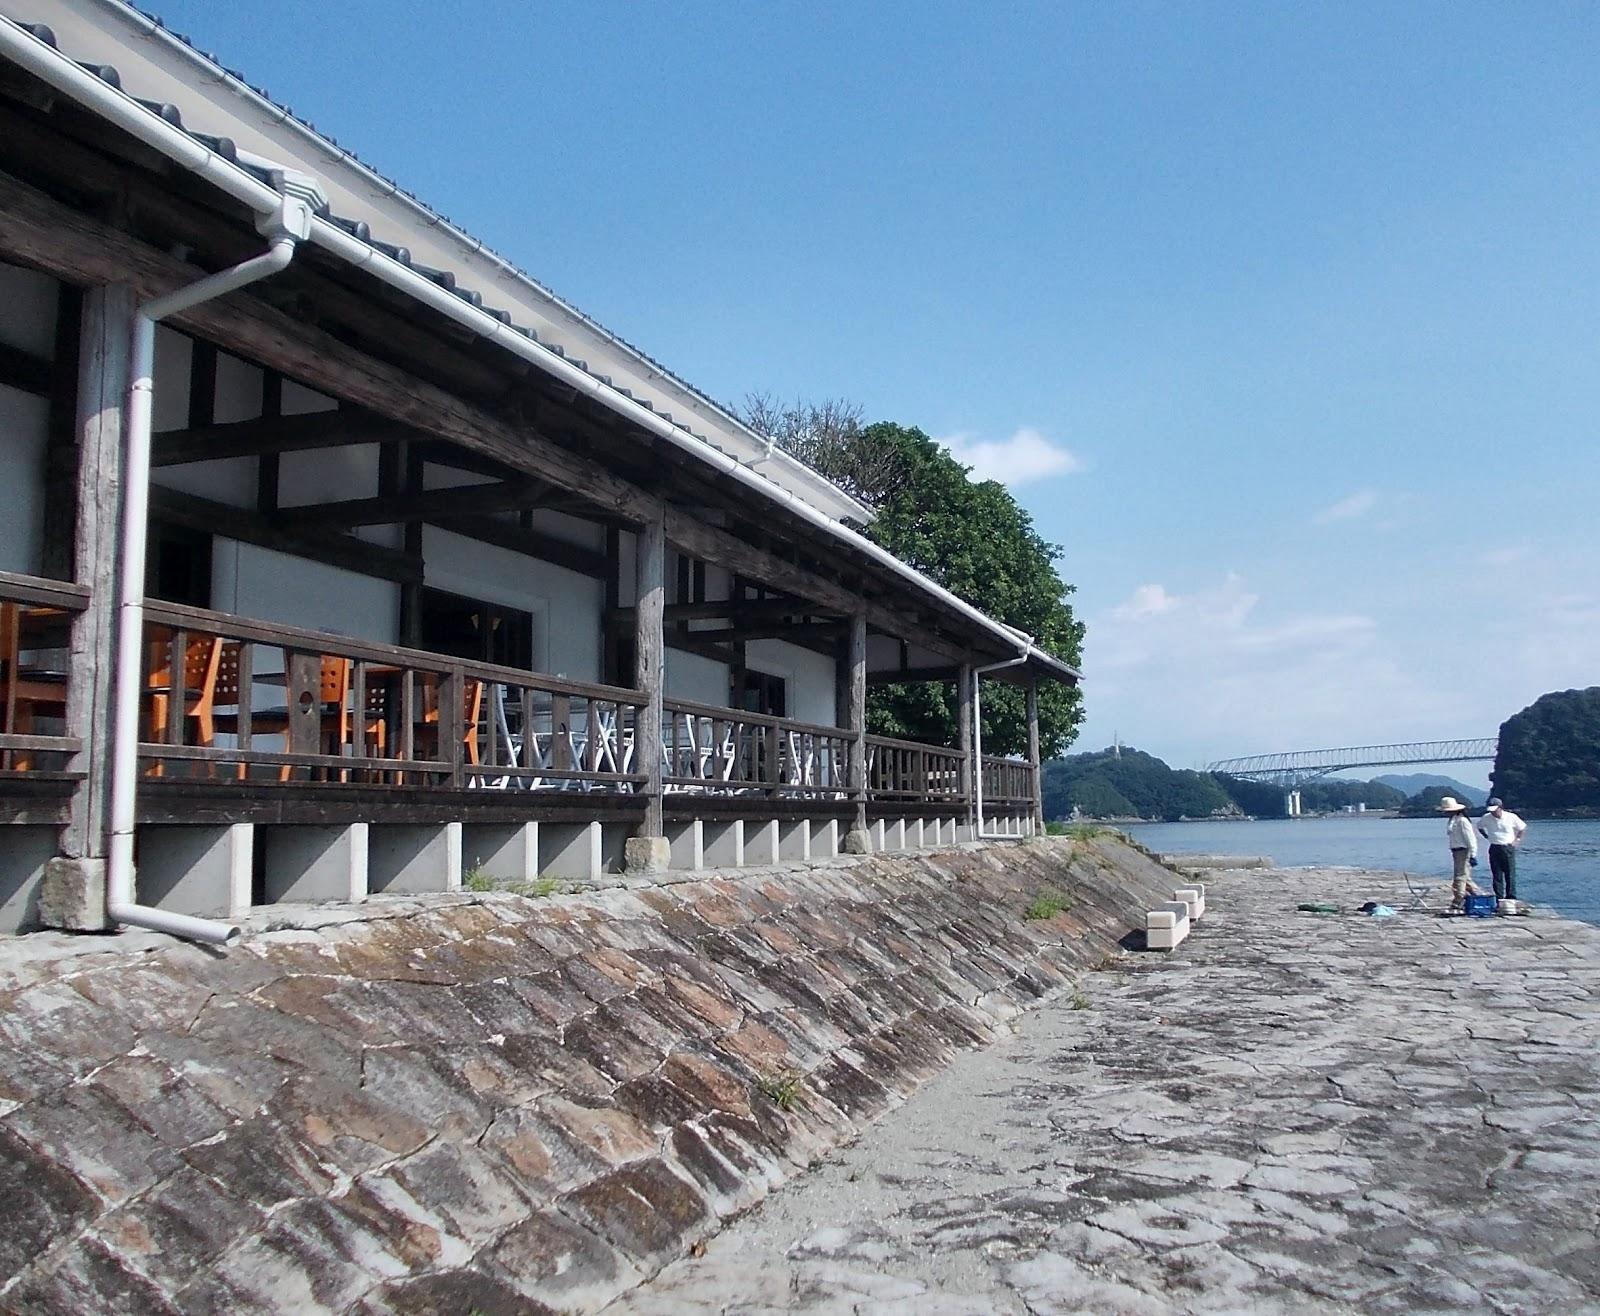 三角港へ熊本市内からのアクセスは?世界遺産の三角西港を観光!